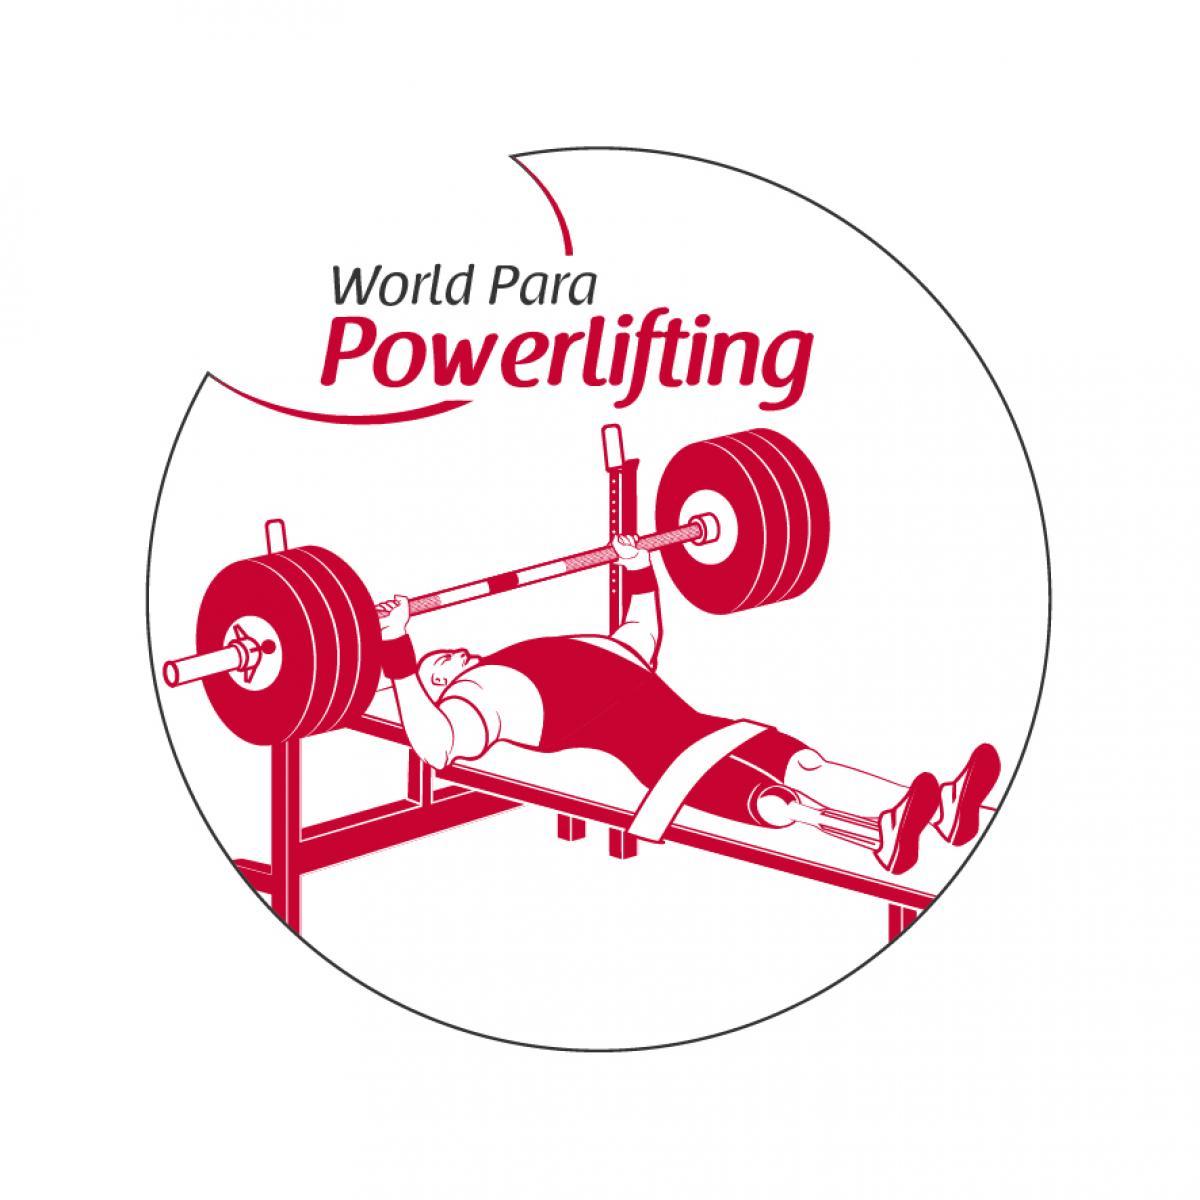 Всемирный Пара Пауэрлифтинг проводит серию вебинаров для всего сообщества паралимпийского пауэрлифтинга